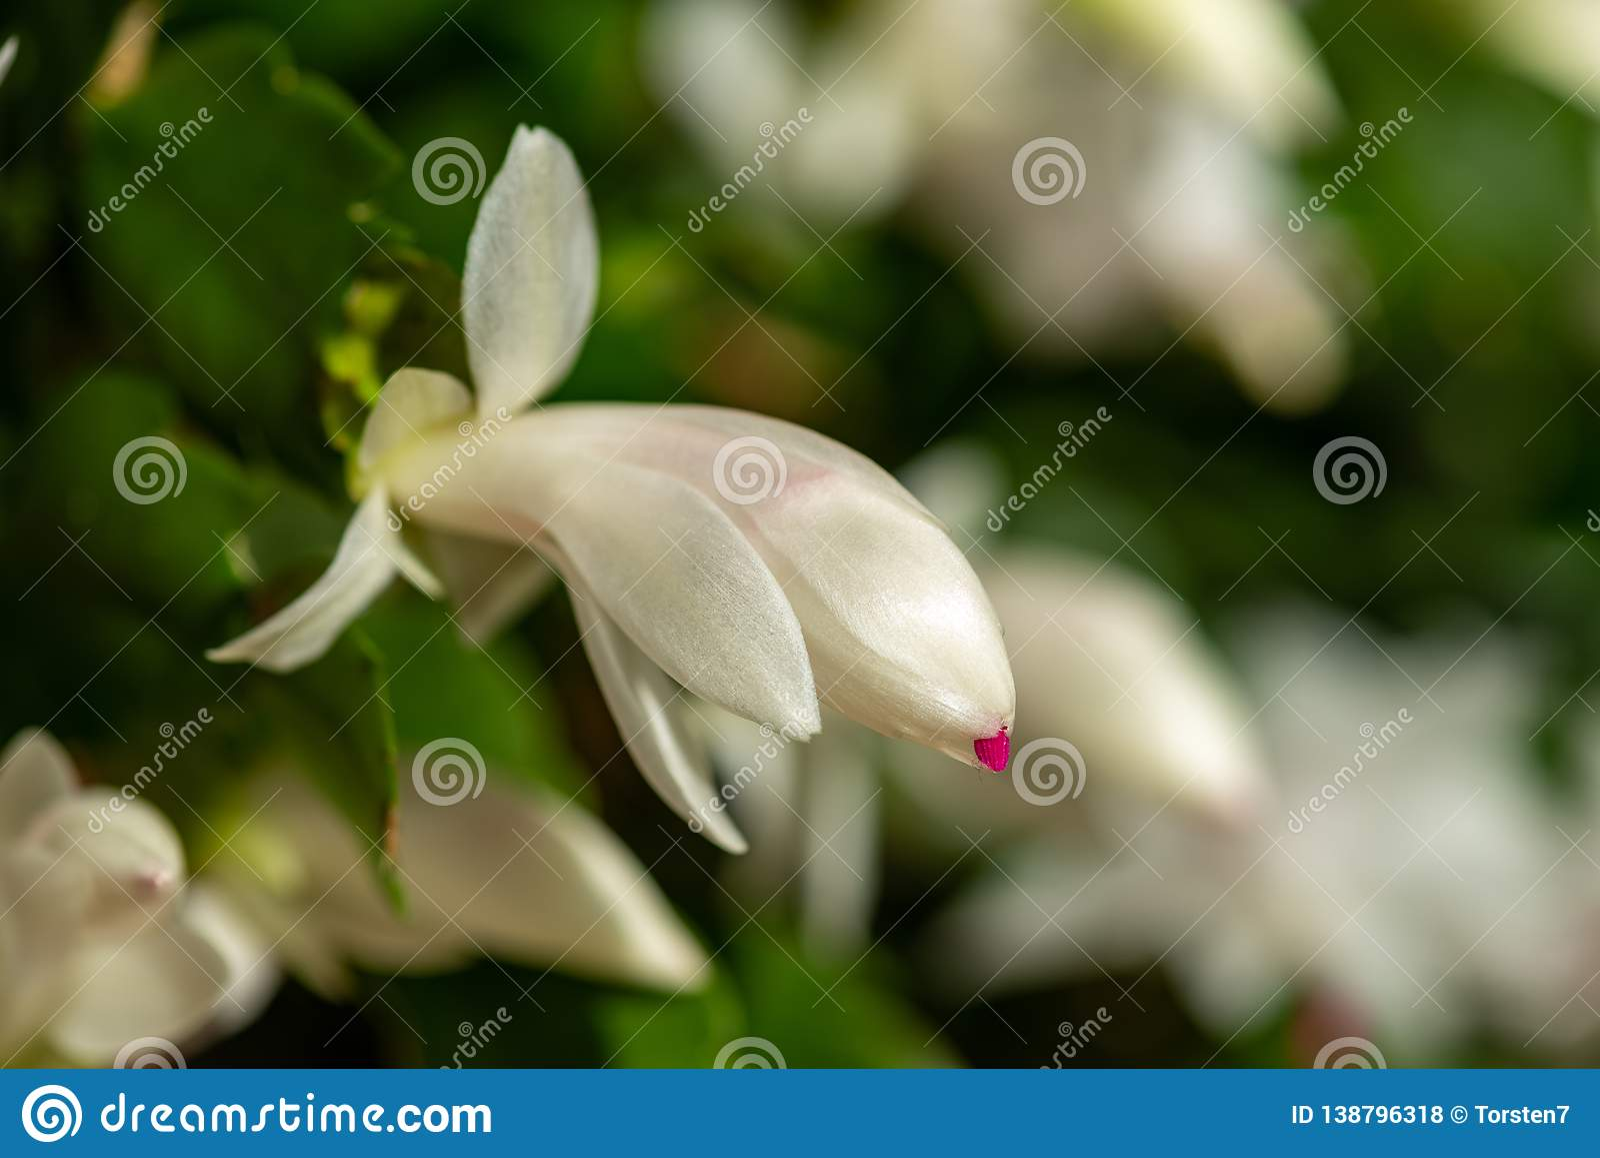 Blühender Weihnachtskaktus mit weißen Blüten